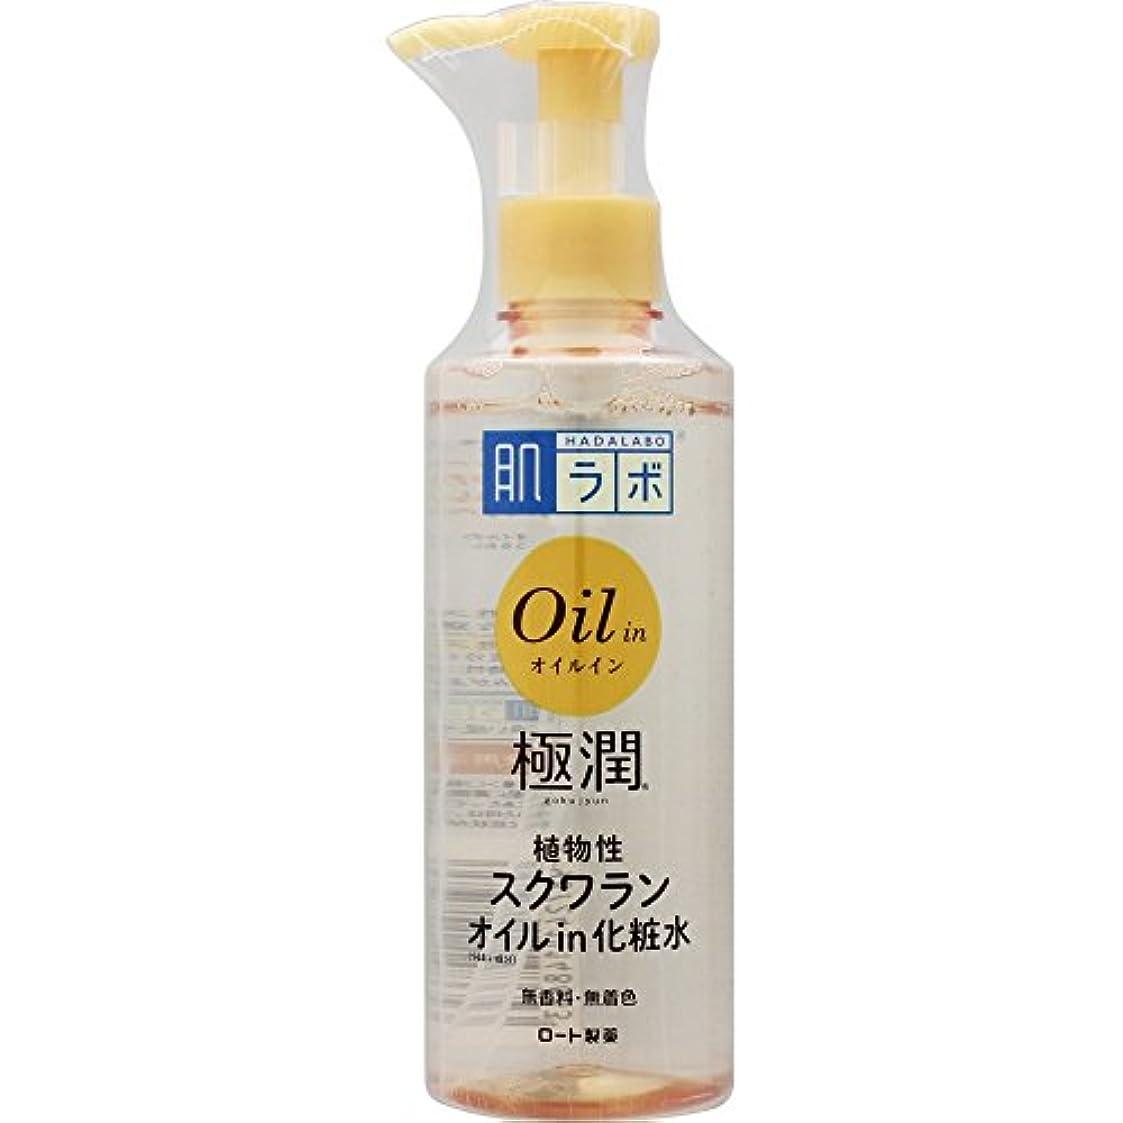 信念美的バー肌ラボ 極潤オイルイン化粧水 植物性スクワランオイル配合 220ml